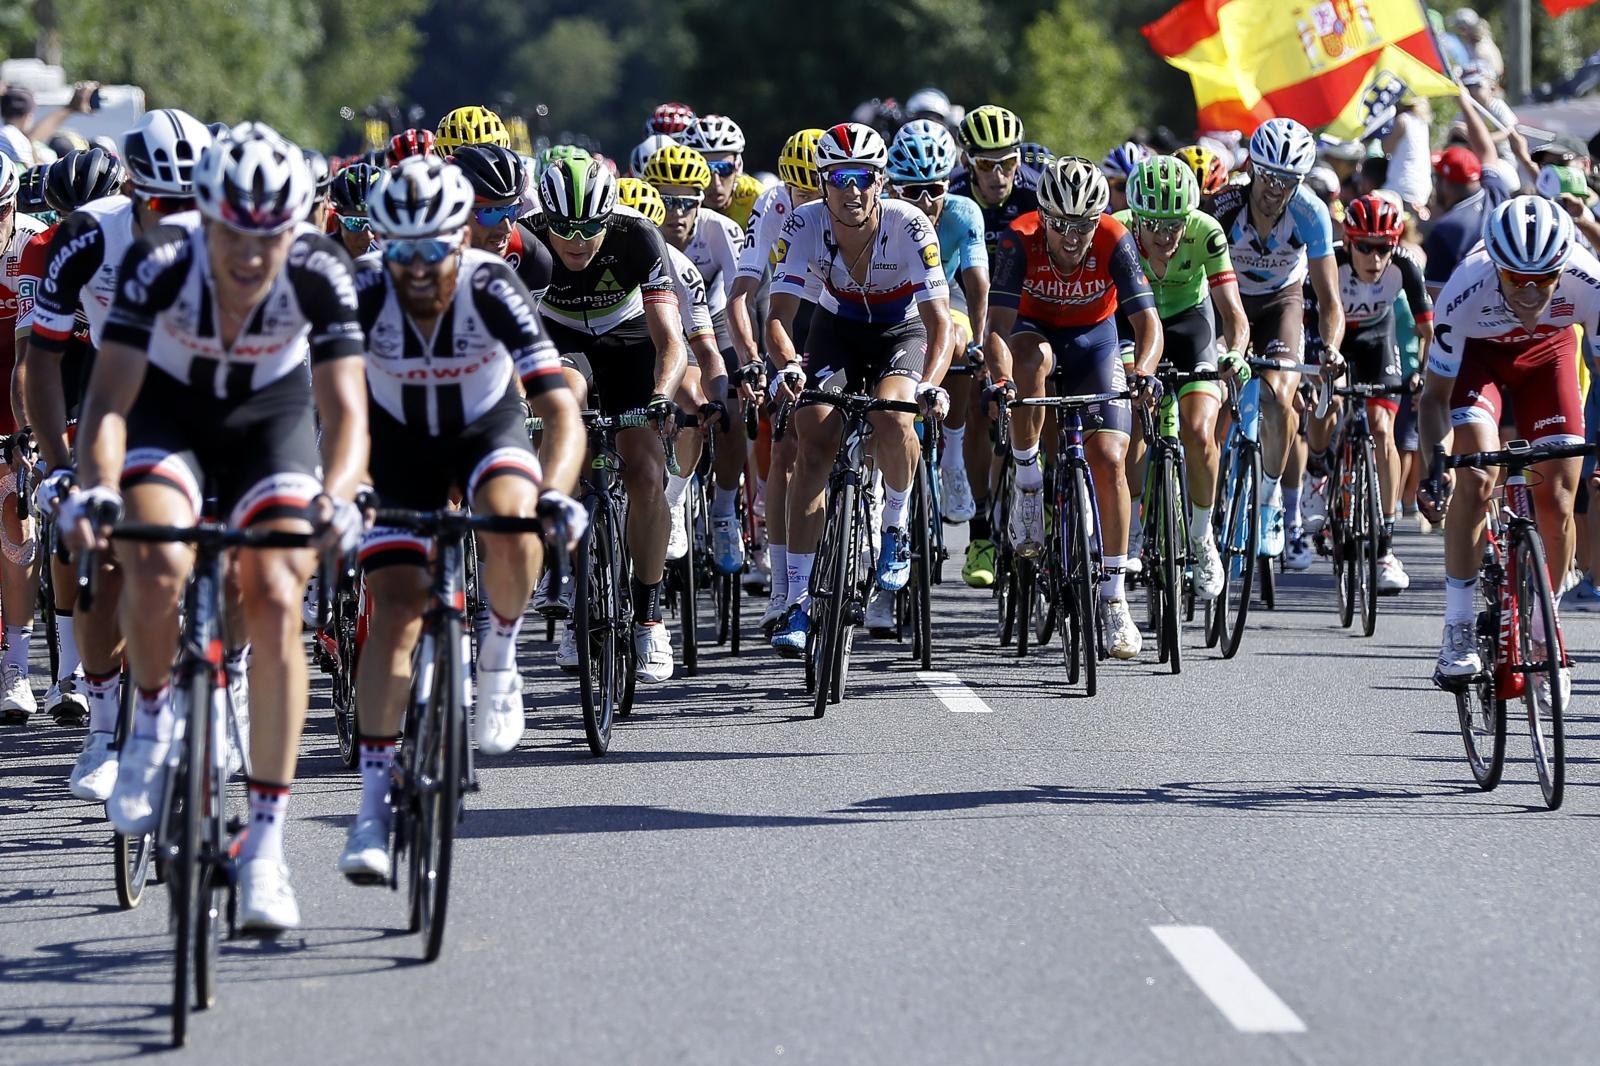 Tour de France 2017 Fot. PAP/EPA/ROBERT GHEMENT